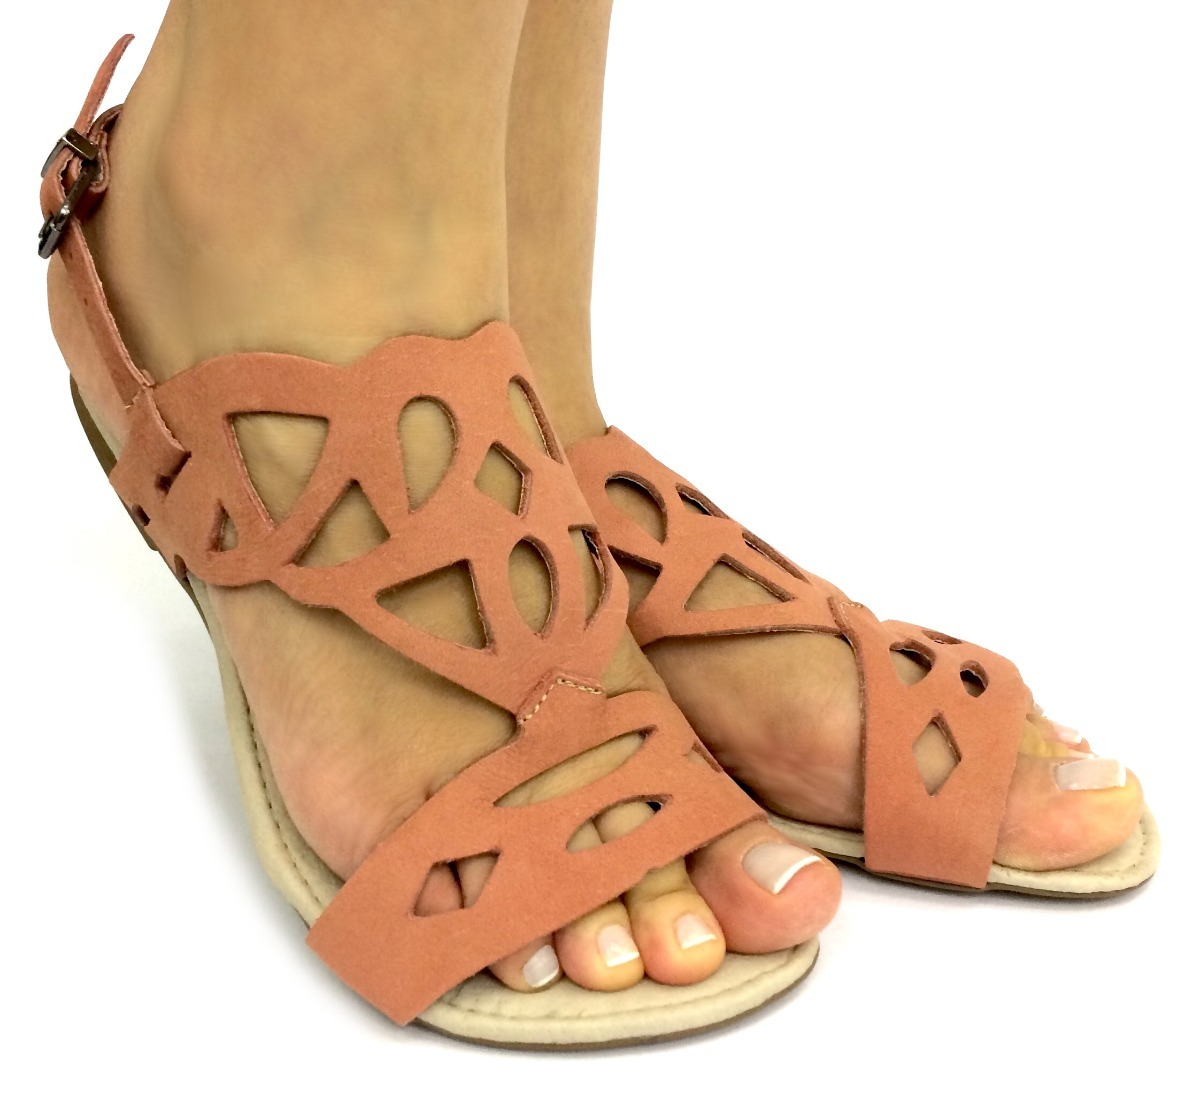 df16f31d4a sandália rasteirinha couro feminina bonita barata rasteira. Carregando zoom.